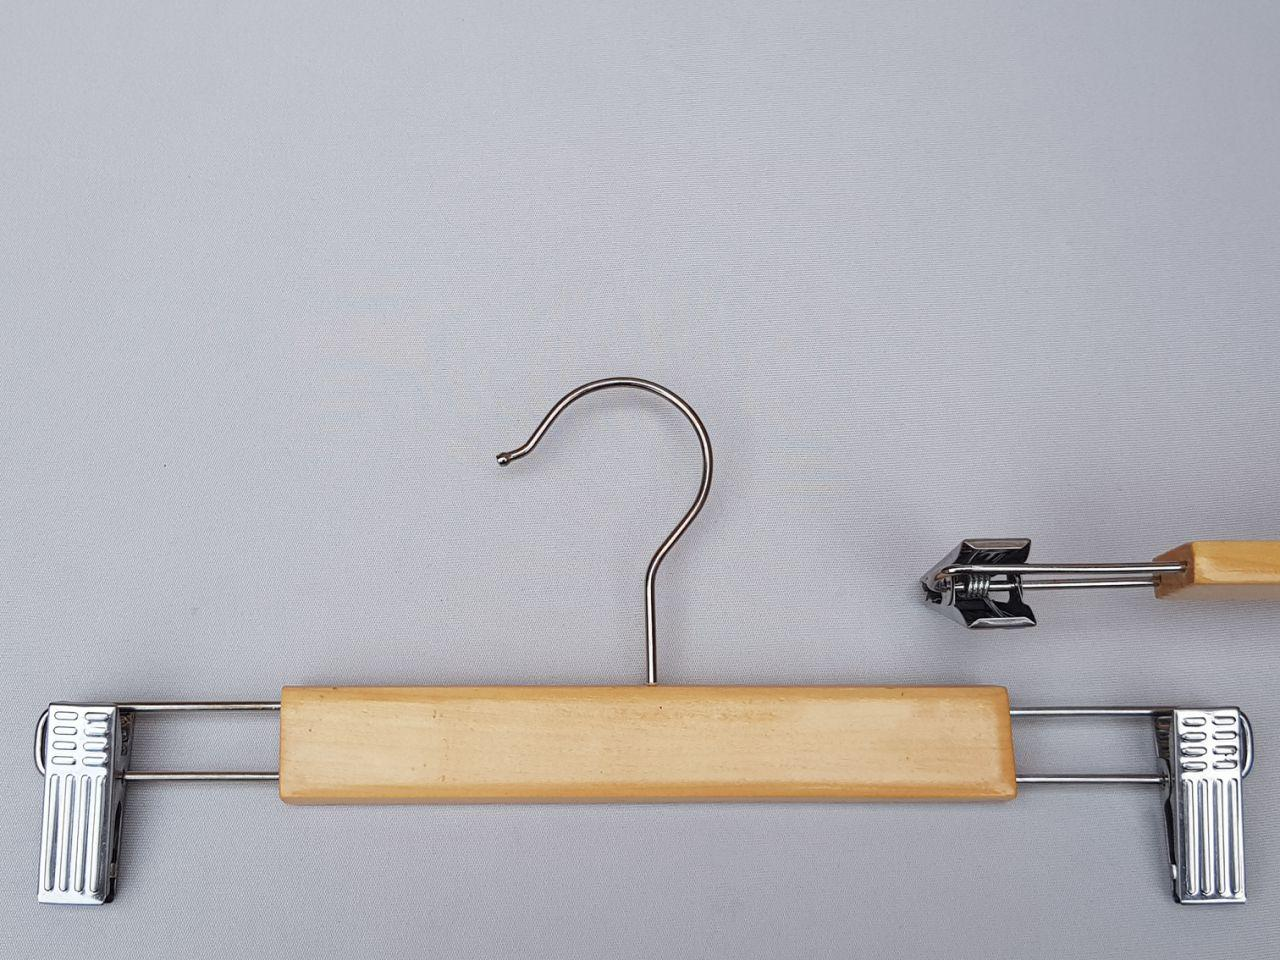 Плечики длиной 30 см вешалки светлые деревянные с прищепками зажимами для брюк и юбок